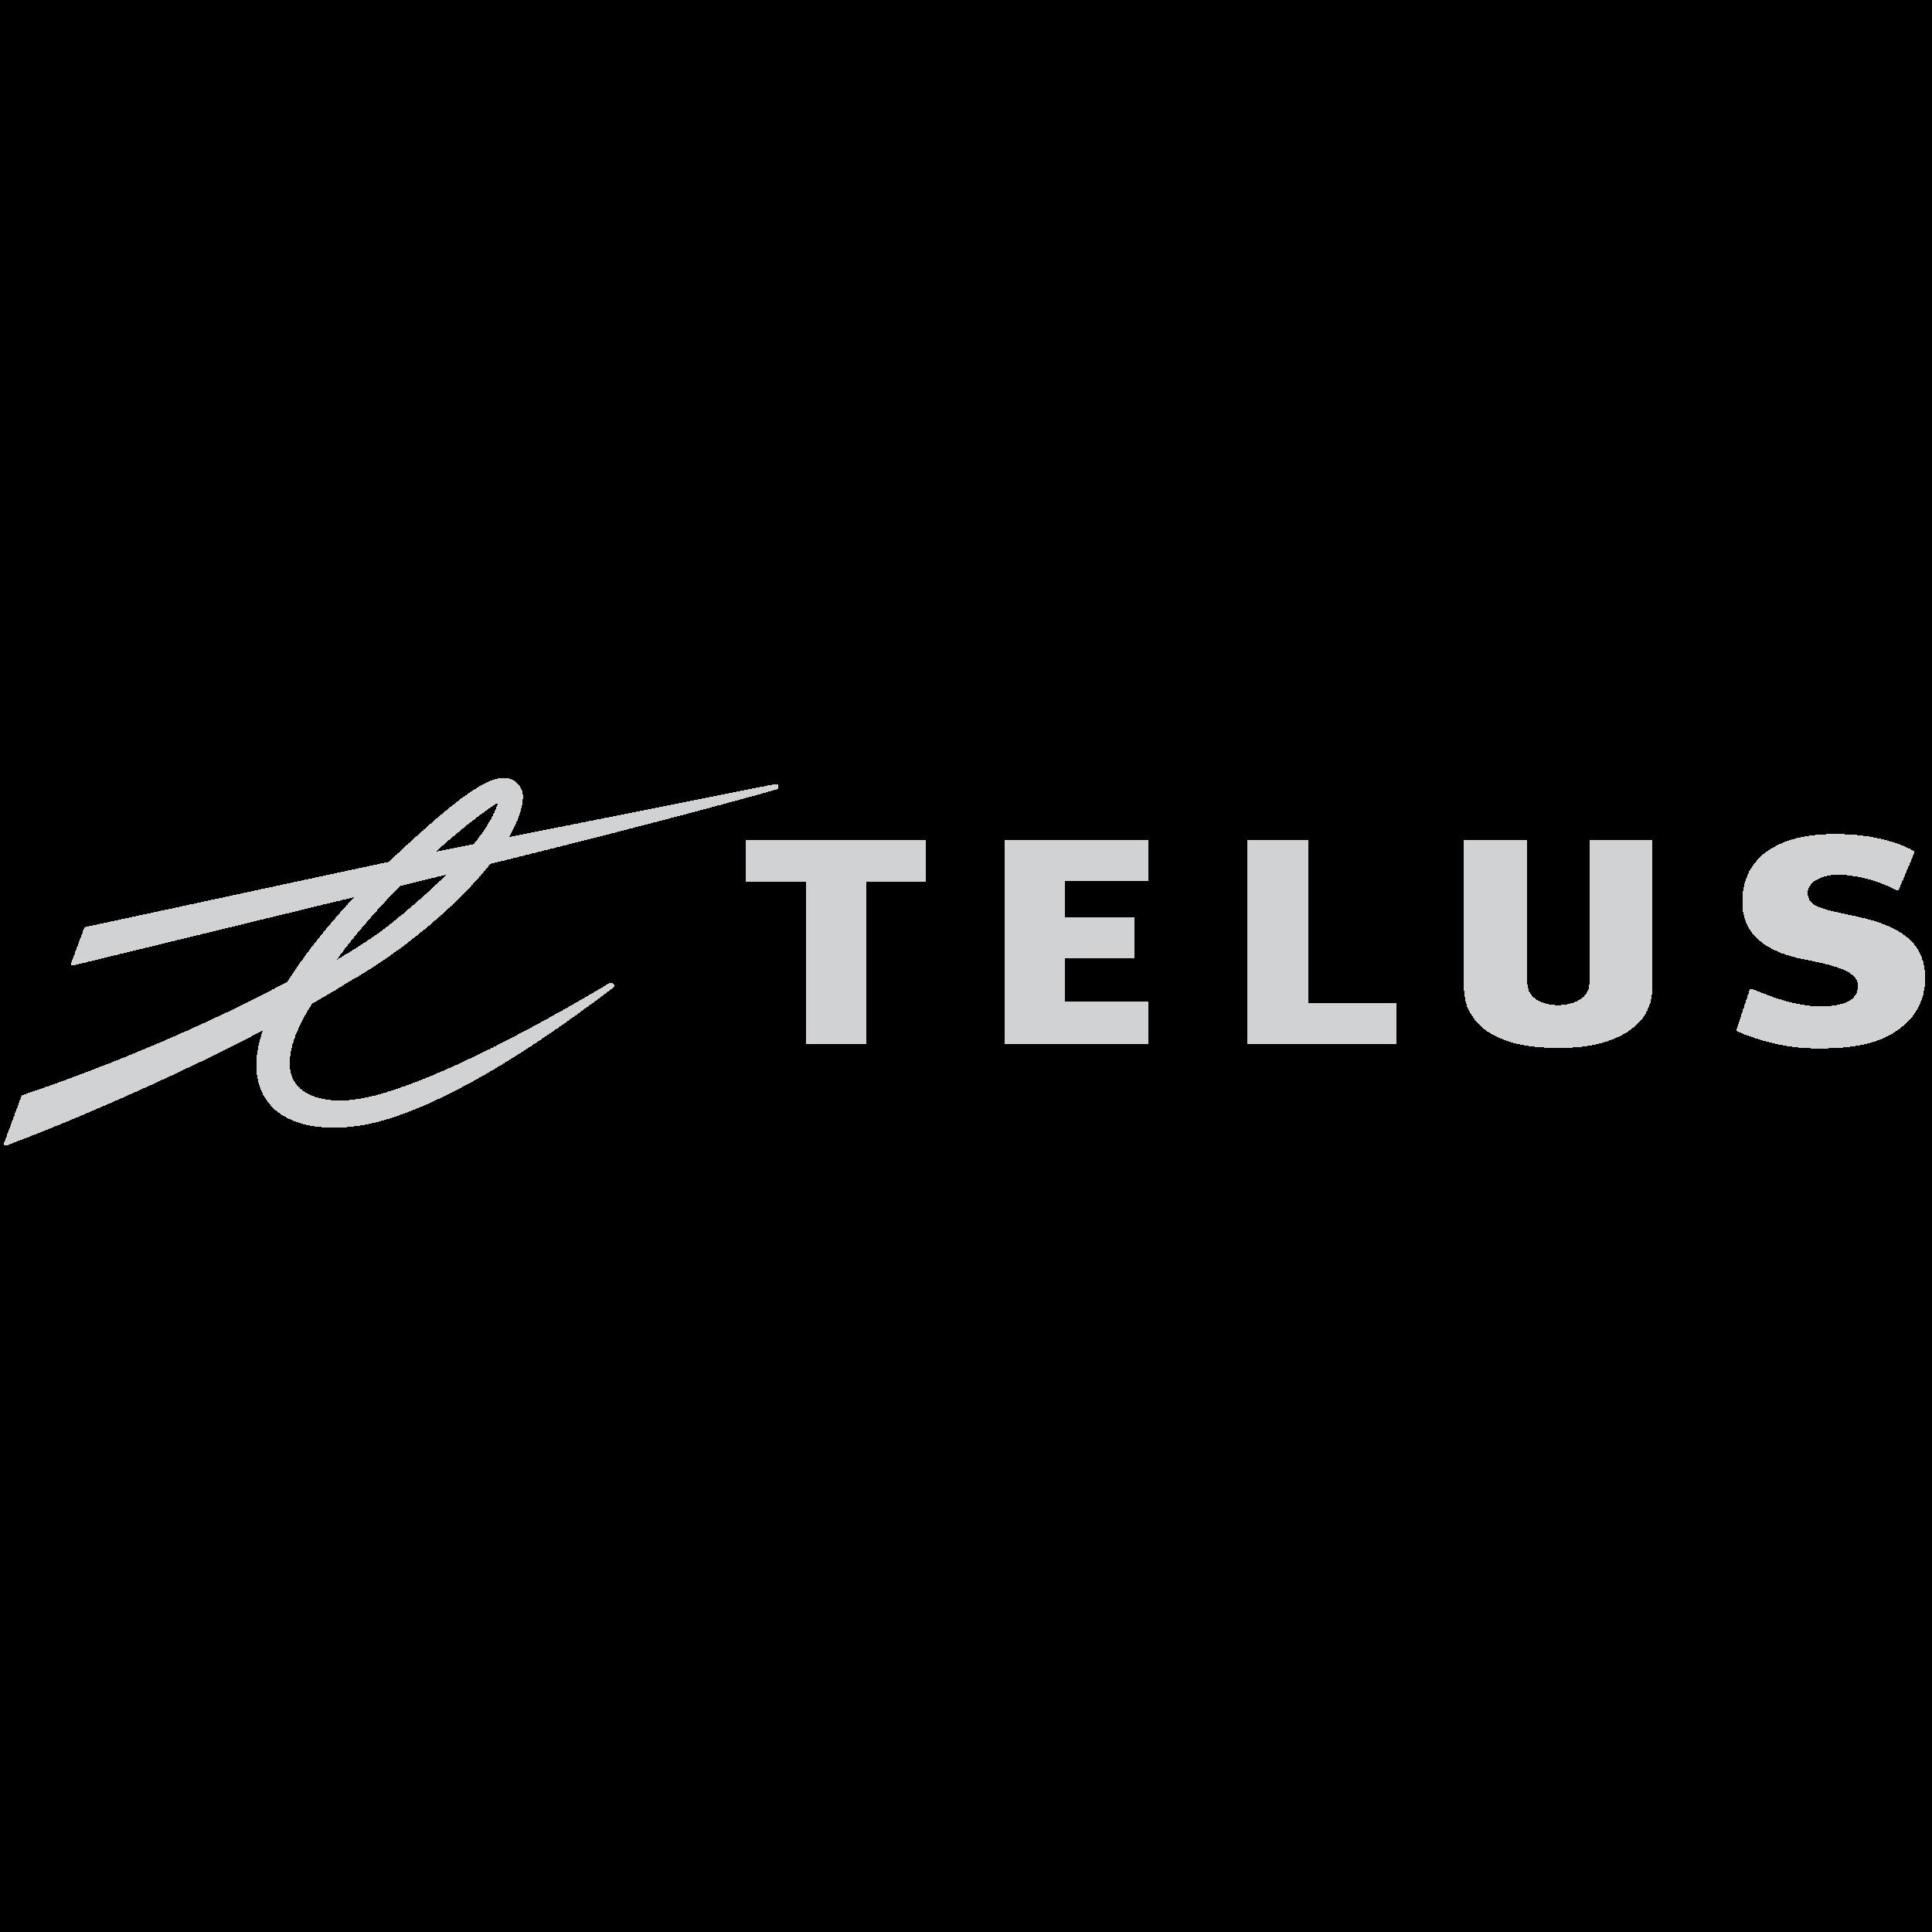 Telus-01.png